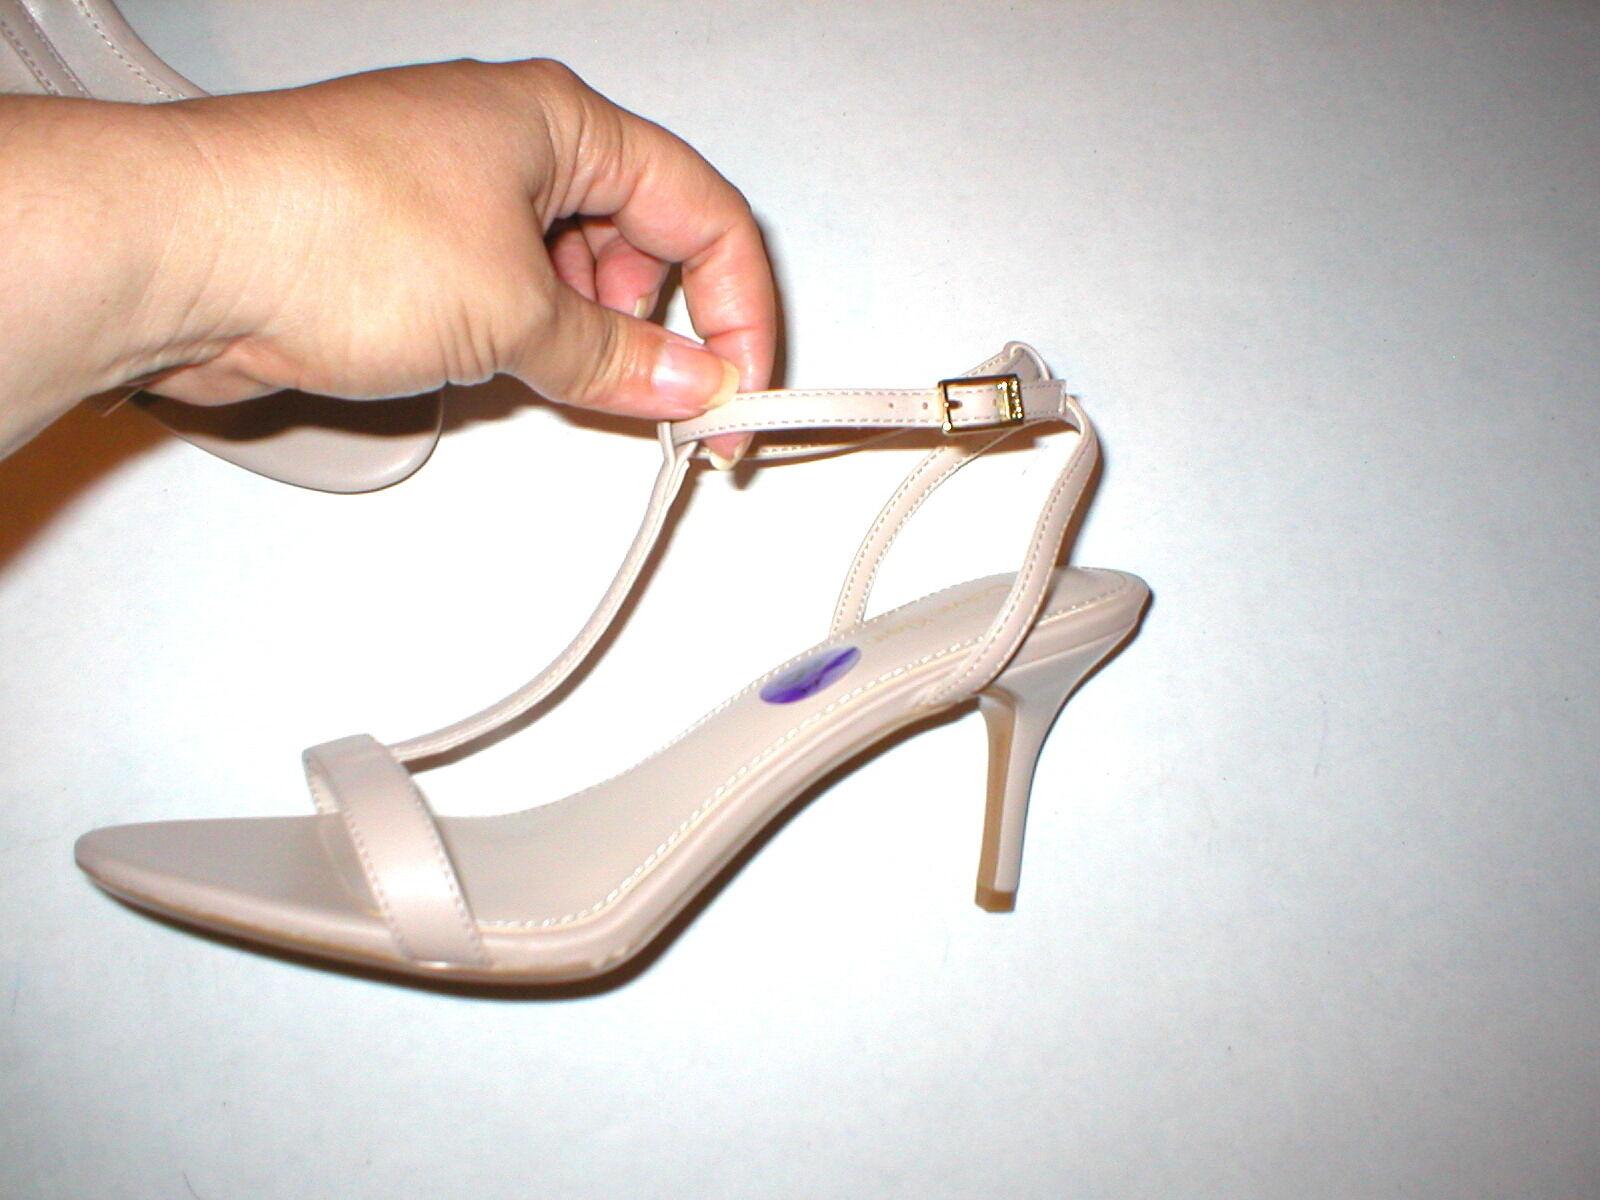 NEU Damenschuhe 9.5 Calvin Klein Lola Heels Schuhes Tan Khaki Sandale Open toe Leder